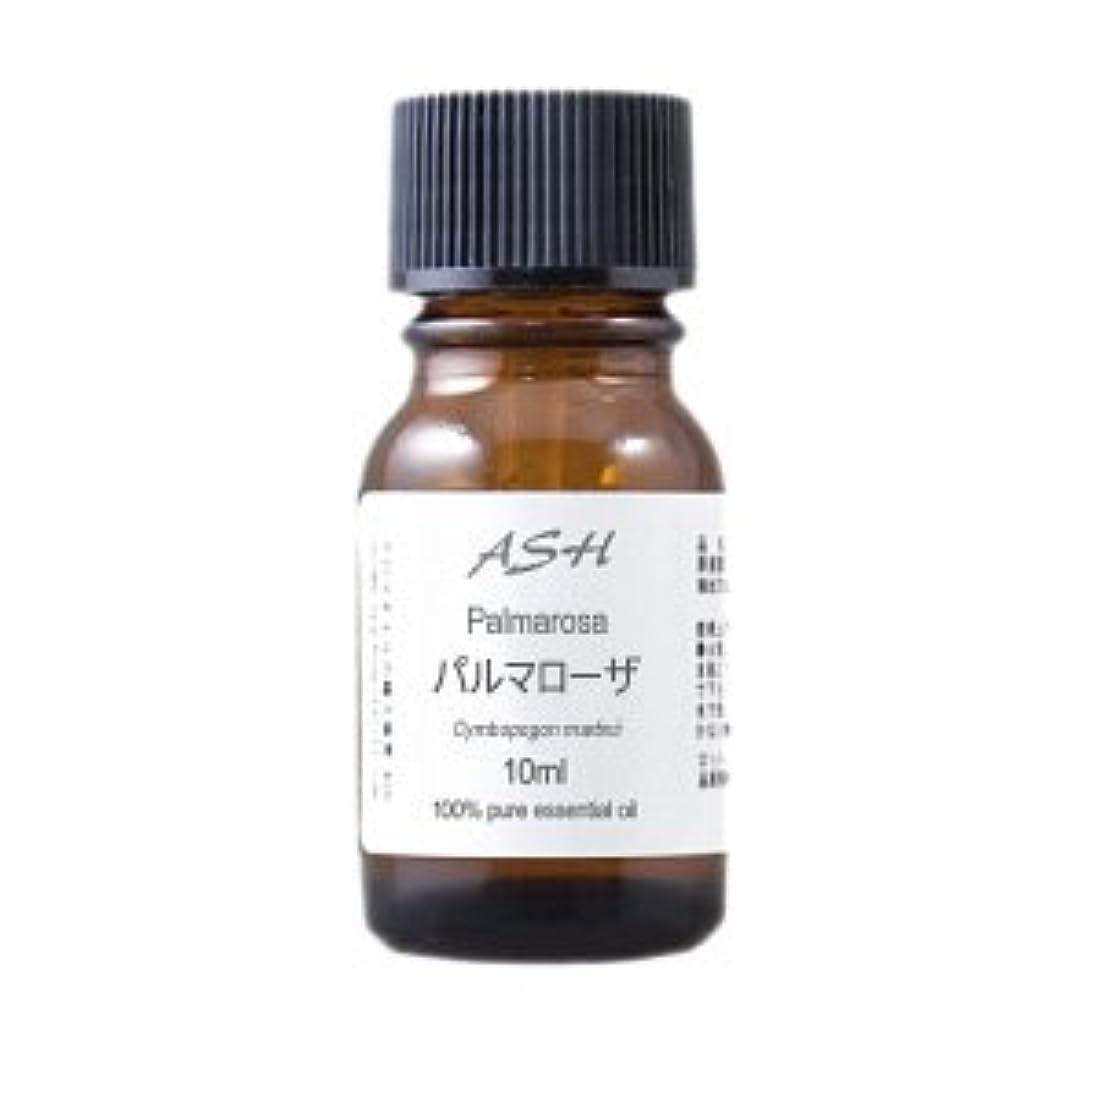 再開体細胞にんじんASH パルマローザ エッセンシャルオイル 10ml AEAJ表示基準適合認定精油